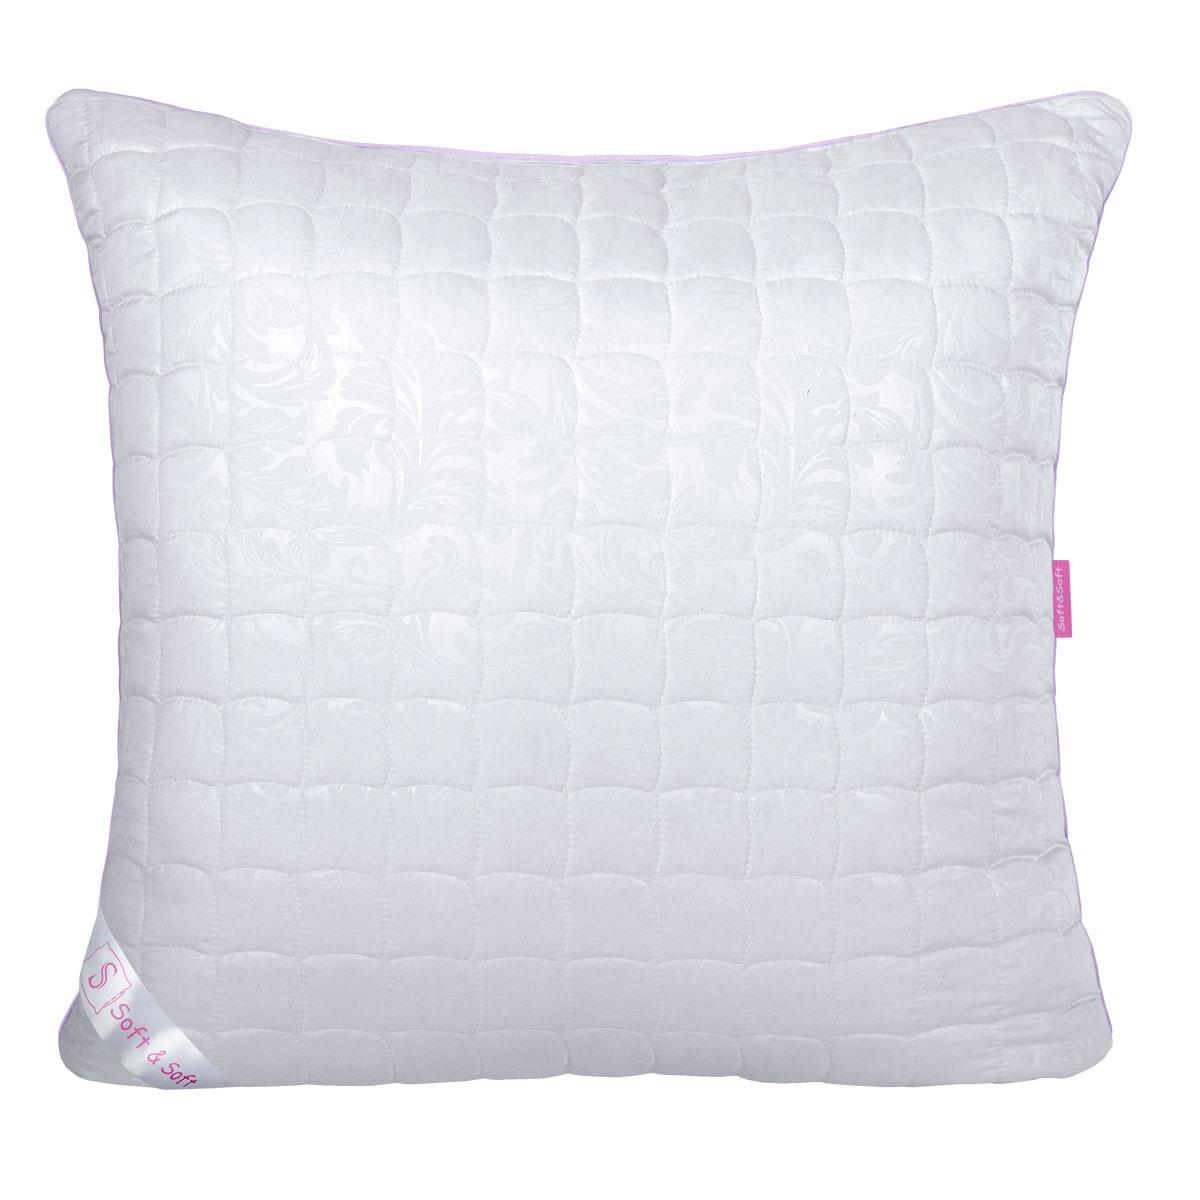 dedc263d030d Подушка Традиция Soft&Soft Лебяжий пух, 2171, белый, микрофибра с  тиснением, 70х70 см